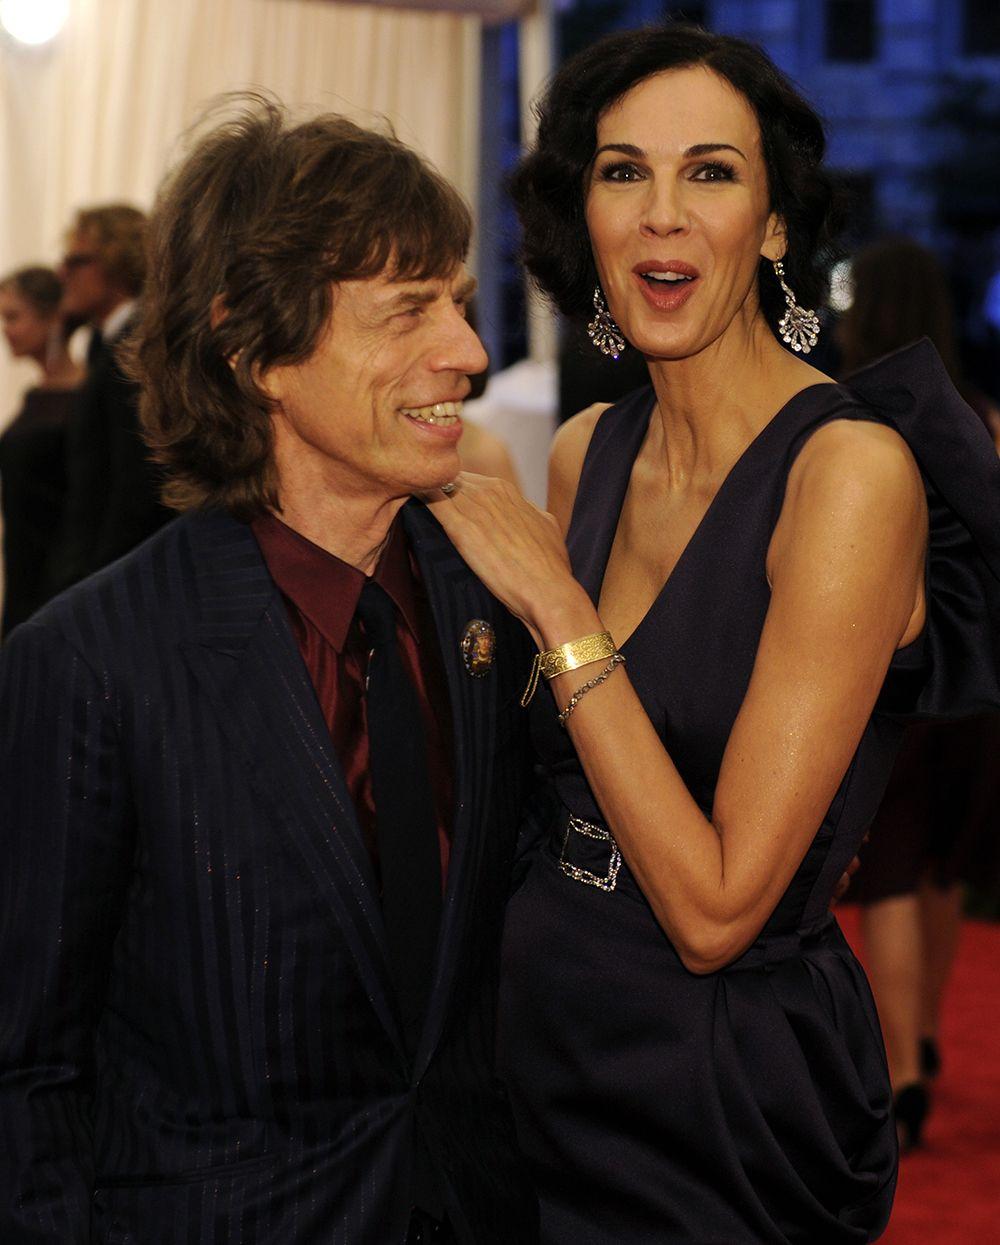 Mick Jagger e L'Wren Scott namoravam desde 2001 / Timothy A. Clary/AFP